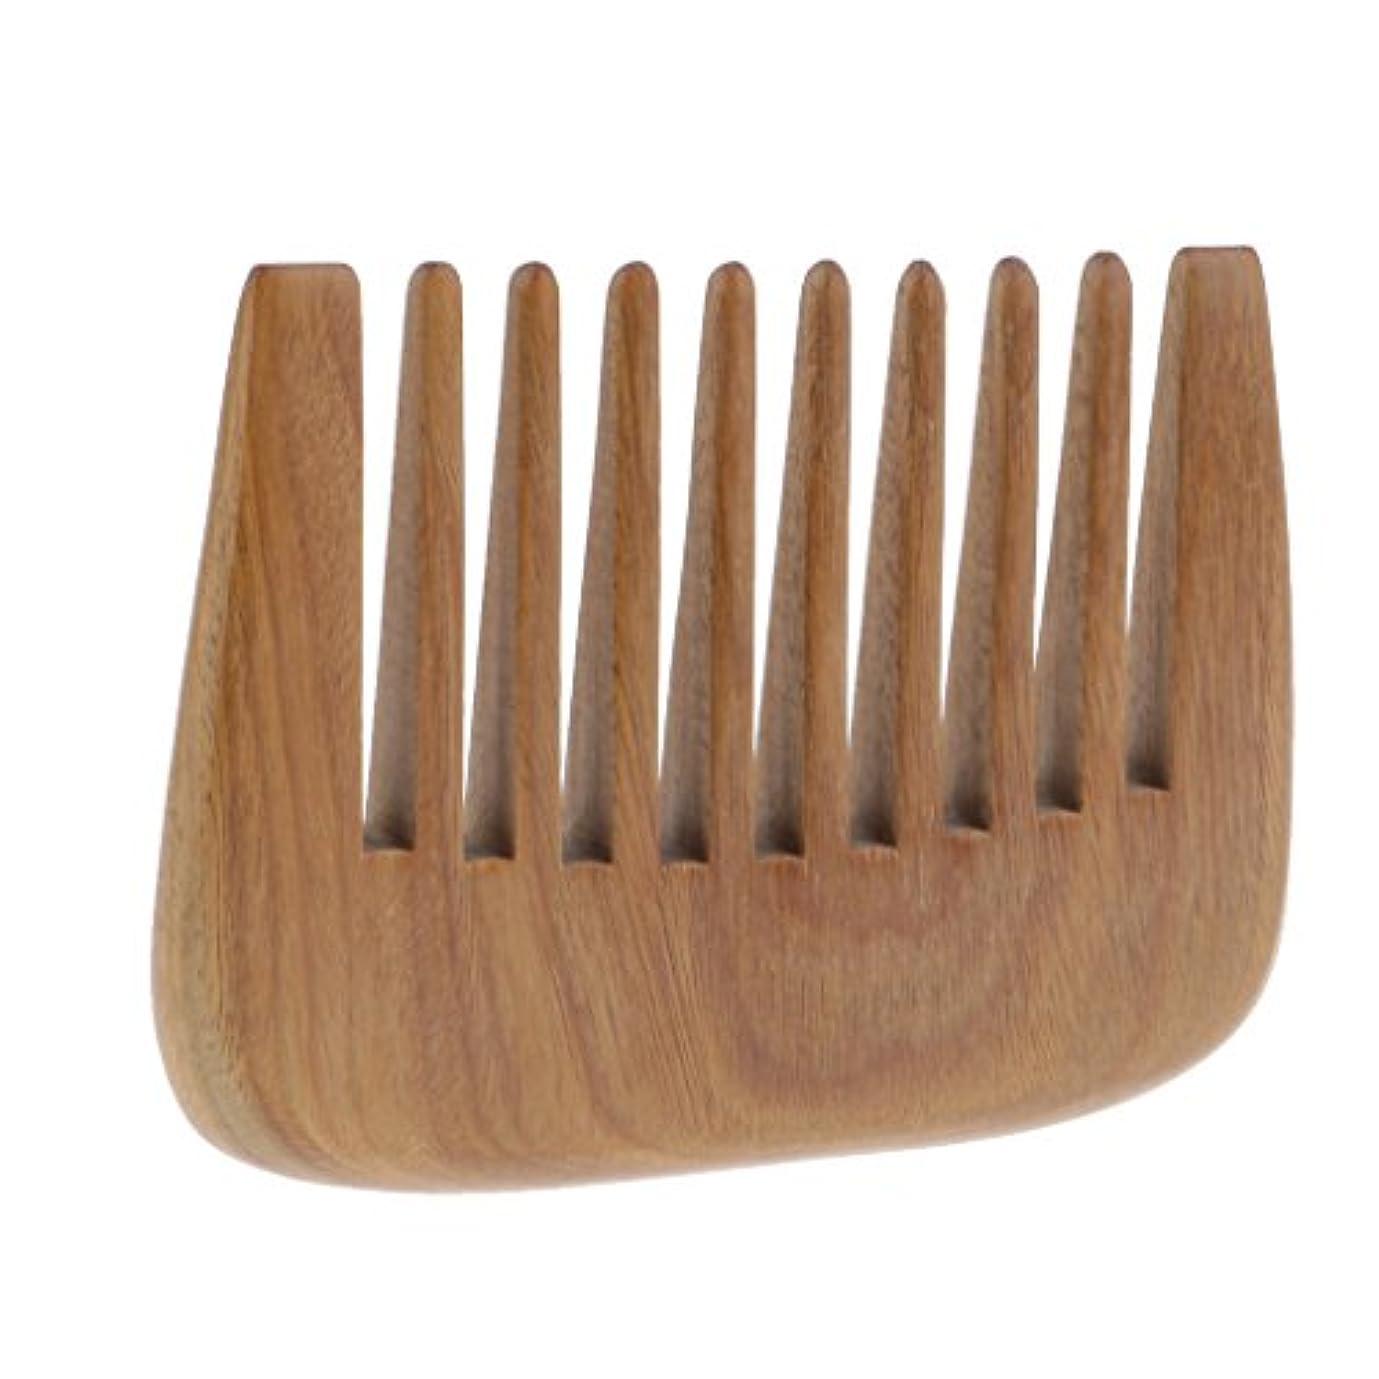 変数デイジーコンデンサー木製の櫛の髪ピック広い歯ポケット髪の櫛の髪のもつれを解消する櫛毛マッサージャーブラシグリーン白檀